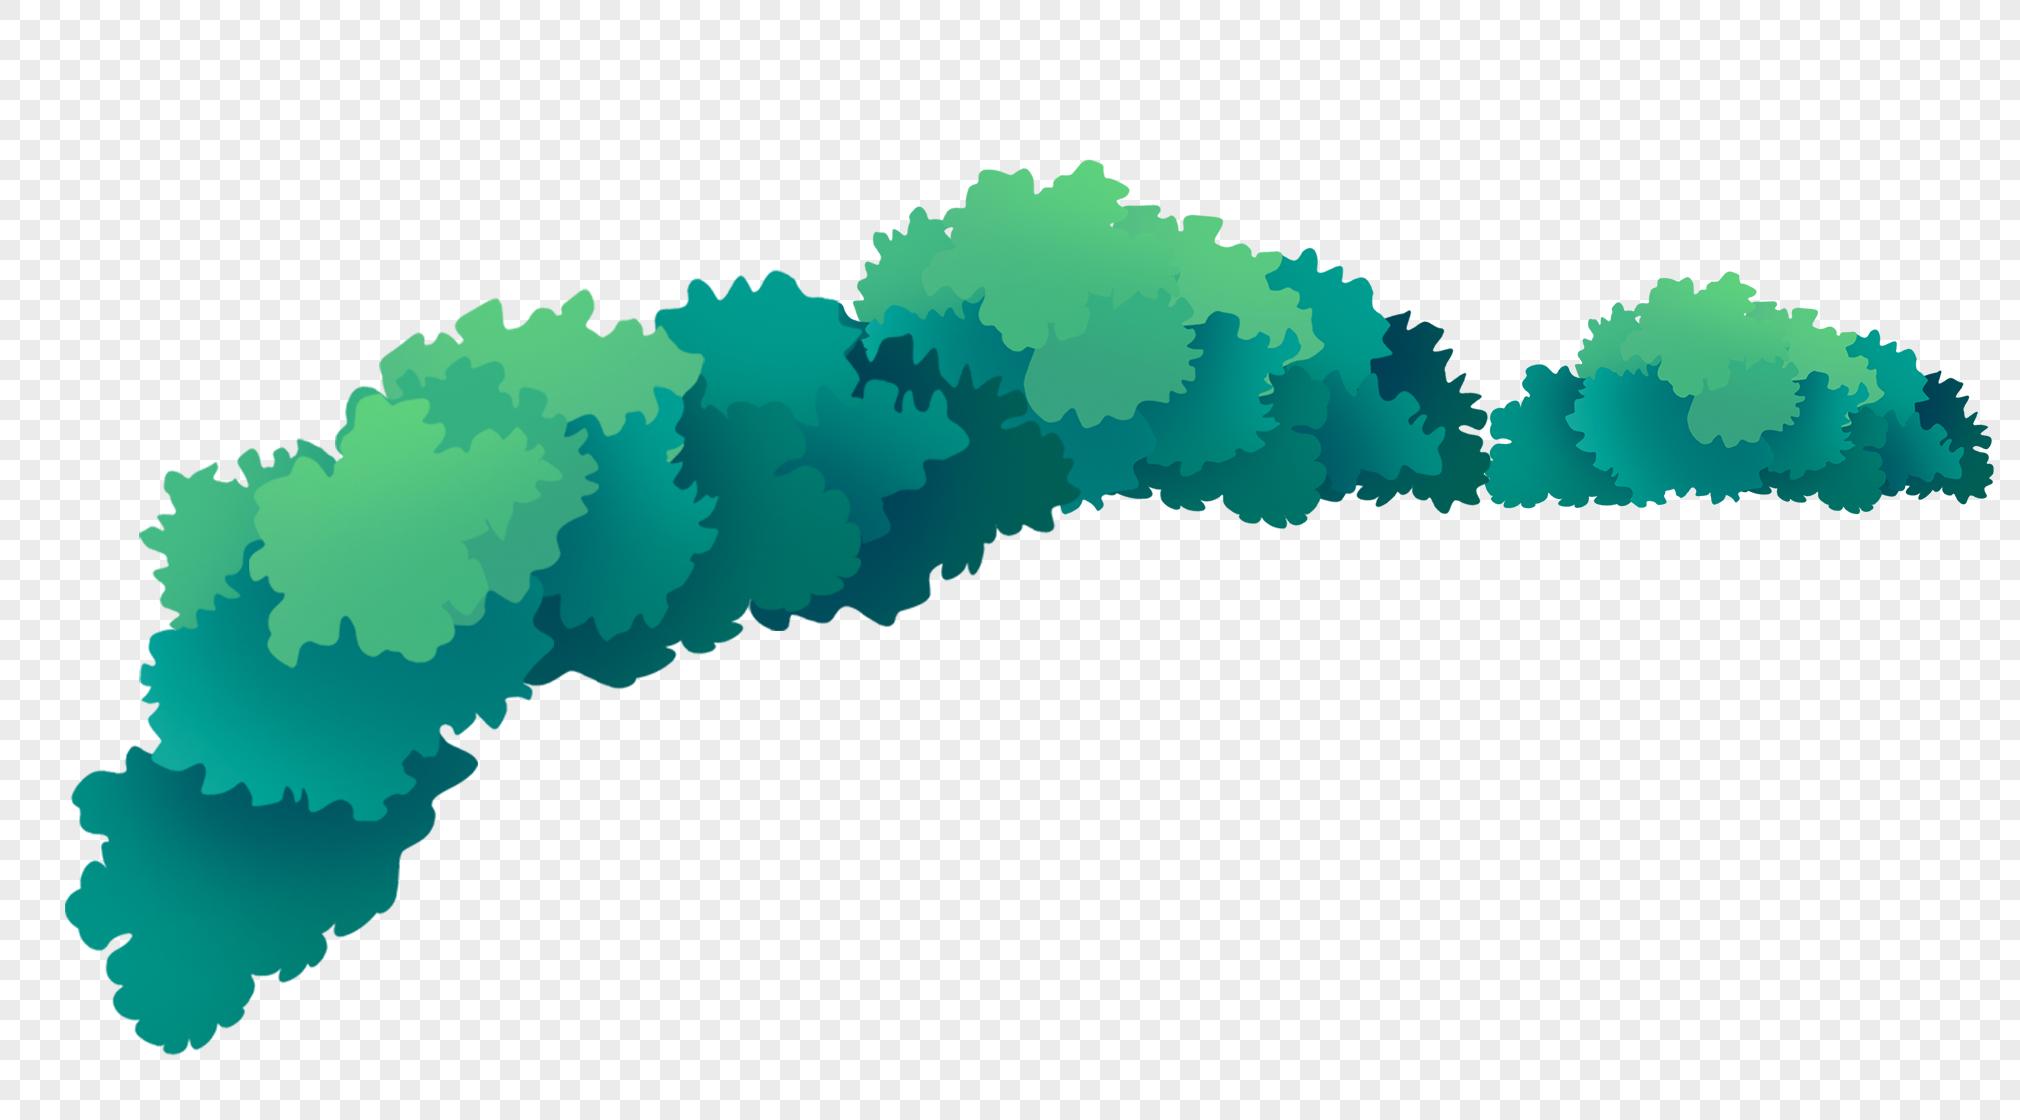 草丛元素素材格式_设计素材免费下载_vrf高清图片_摄